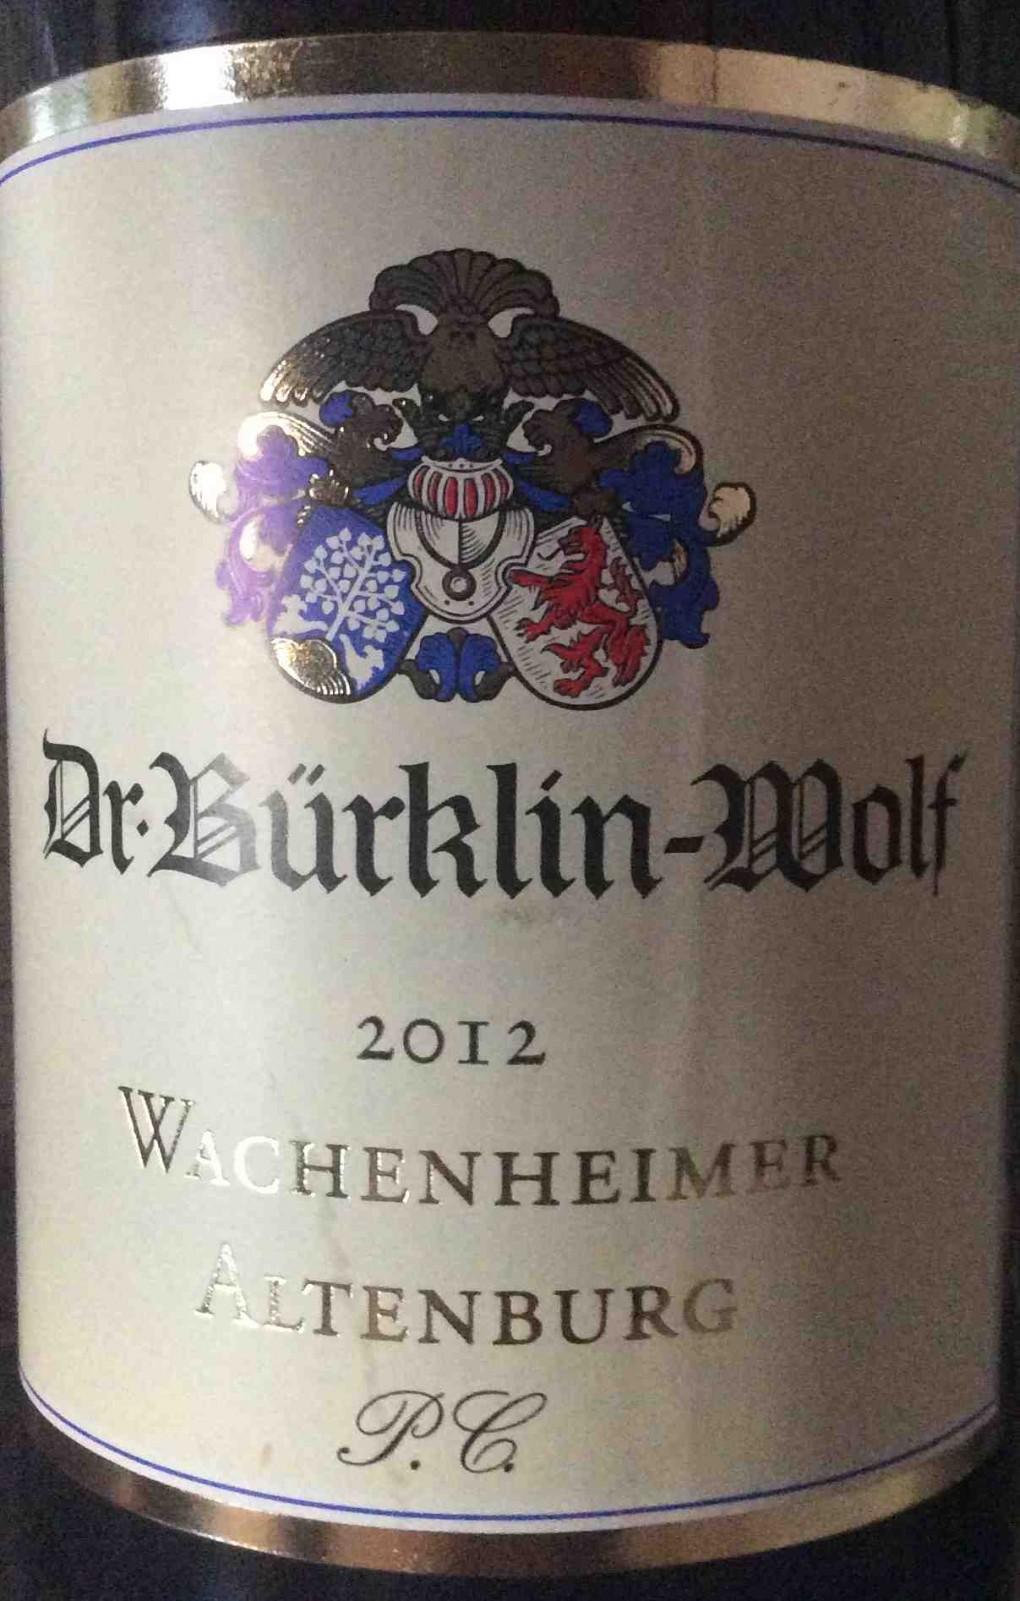 Wachenheimer Altenburg PC 2012 Buerklin-Wolf